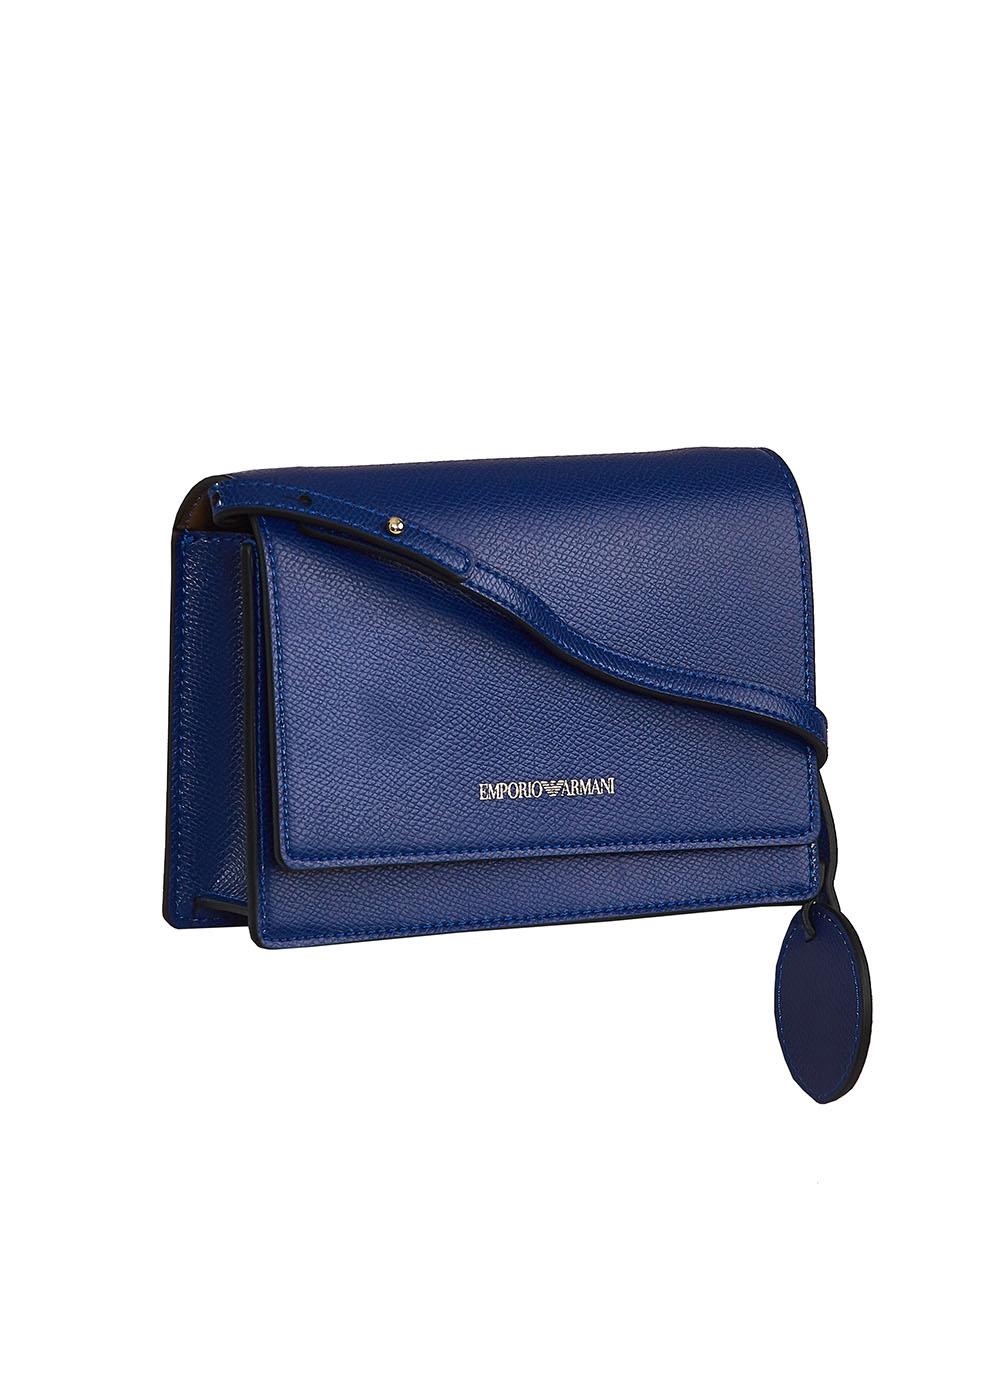 Купить Emporio Armani сумка